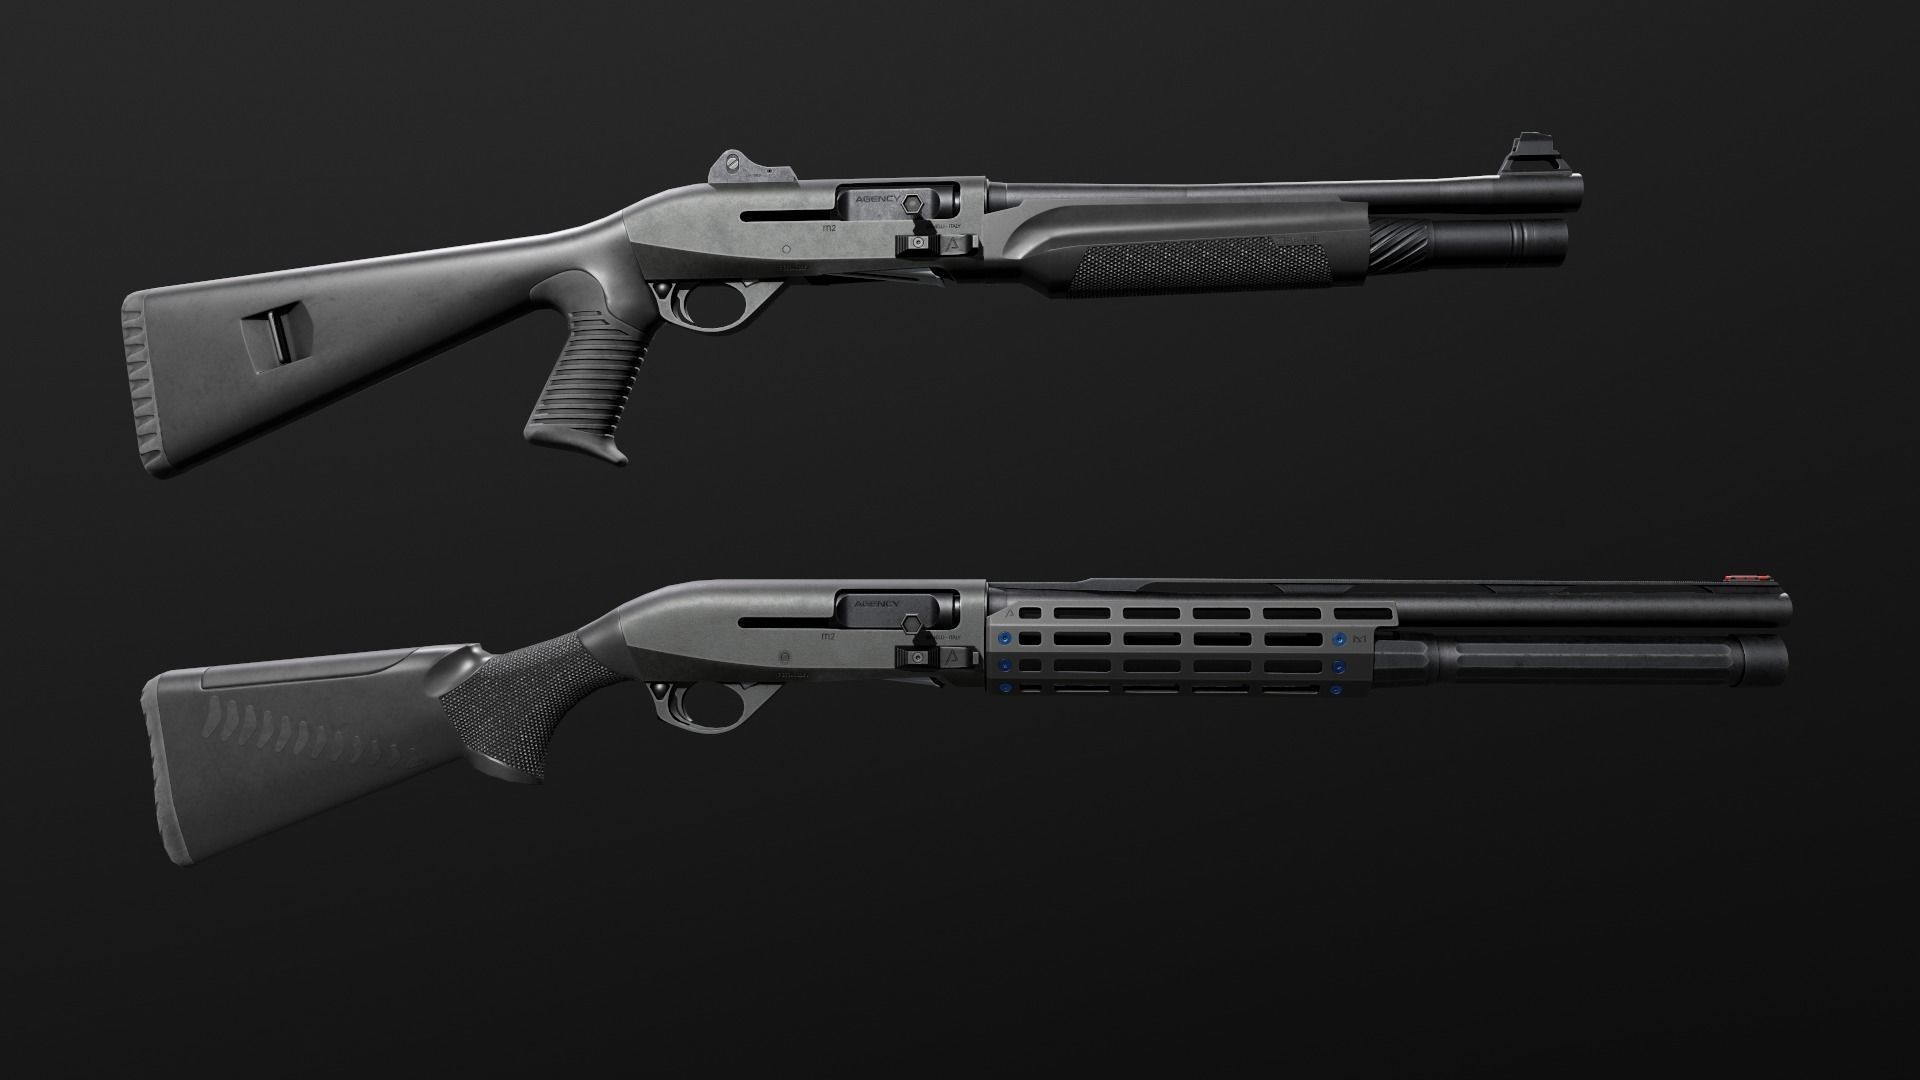 Benelli M2 12 Gauge Shotgun